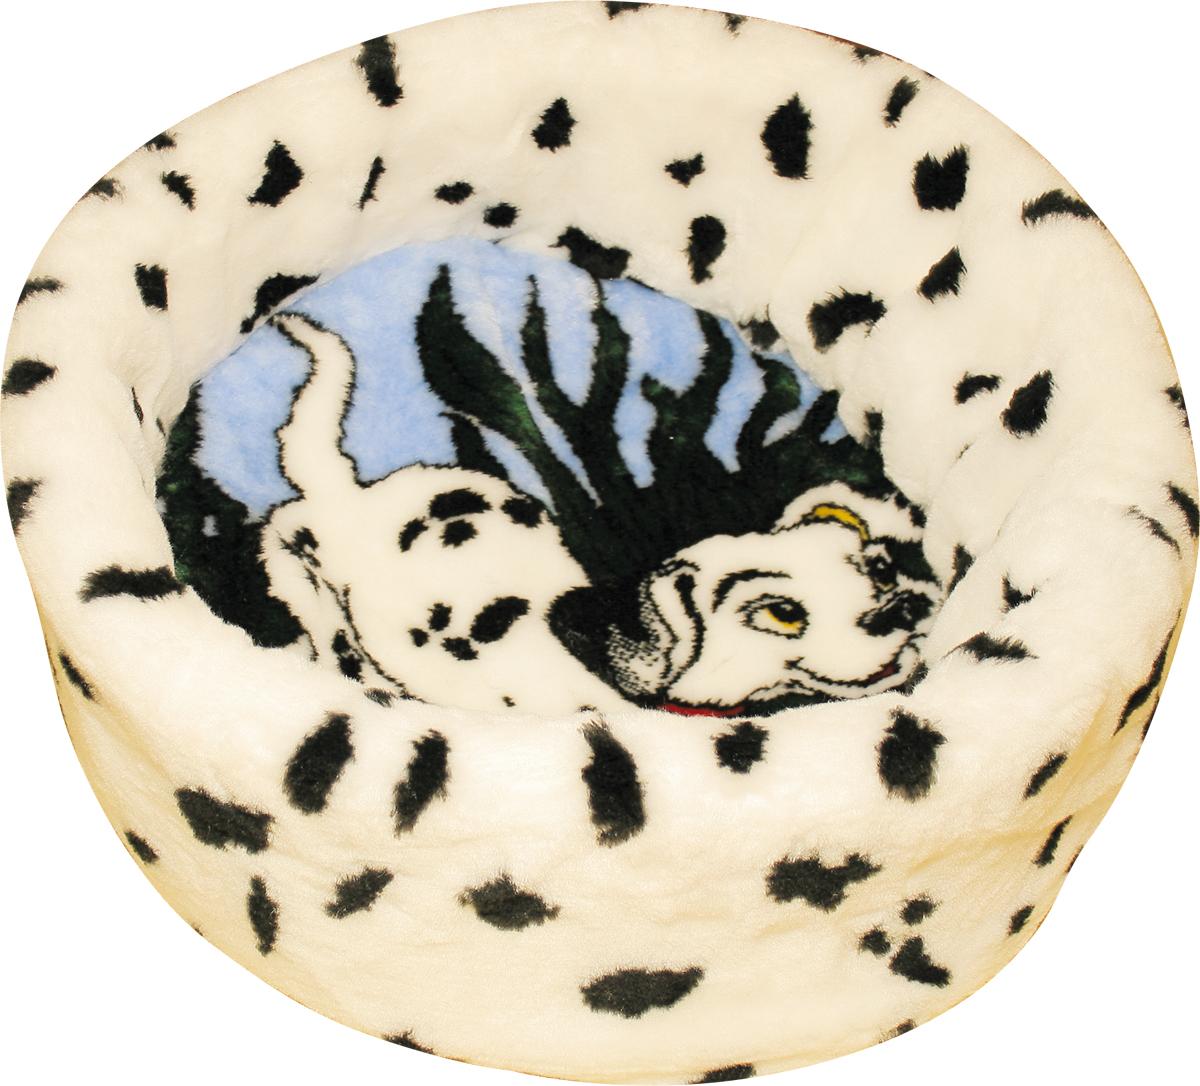 Лежак для животных Зооник Далматин, цвет: белый, черный, голубой, 47 х 47 х 17 смDM-160277-2Мягкий лежак для животных Зооник Далматин обязательно понравится вашему питомцу. Он выполнен из высококачественного искусственного меха бело-черного цвета, а наполнитель - из поролона. Такой материал не теряет своей формы долгое время. Борта и съемная подстилка обеспечат вашему любимцу уют, а форма лежанки позволит удобно расположиться внутри. Лежак Зооник Далматин станет излюбленным местом вашего питомца, подарит ему спокойный и комфортный сон, а также убережет вашу мебель от многочисленной шерсти.